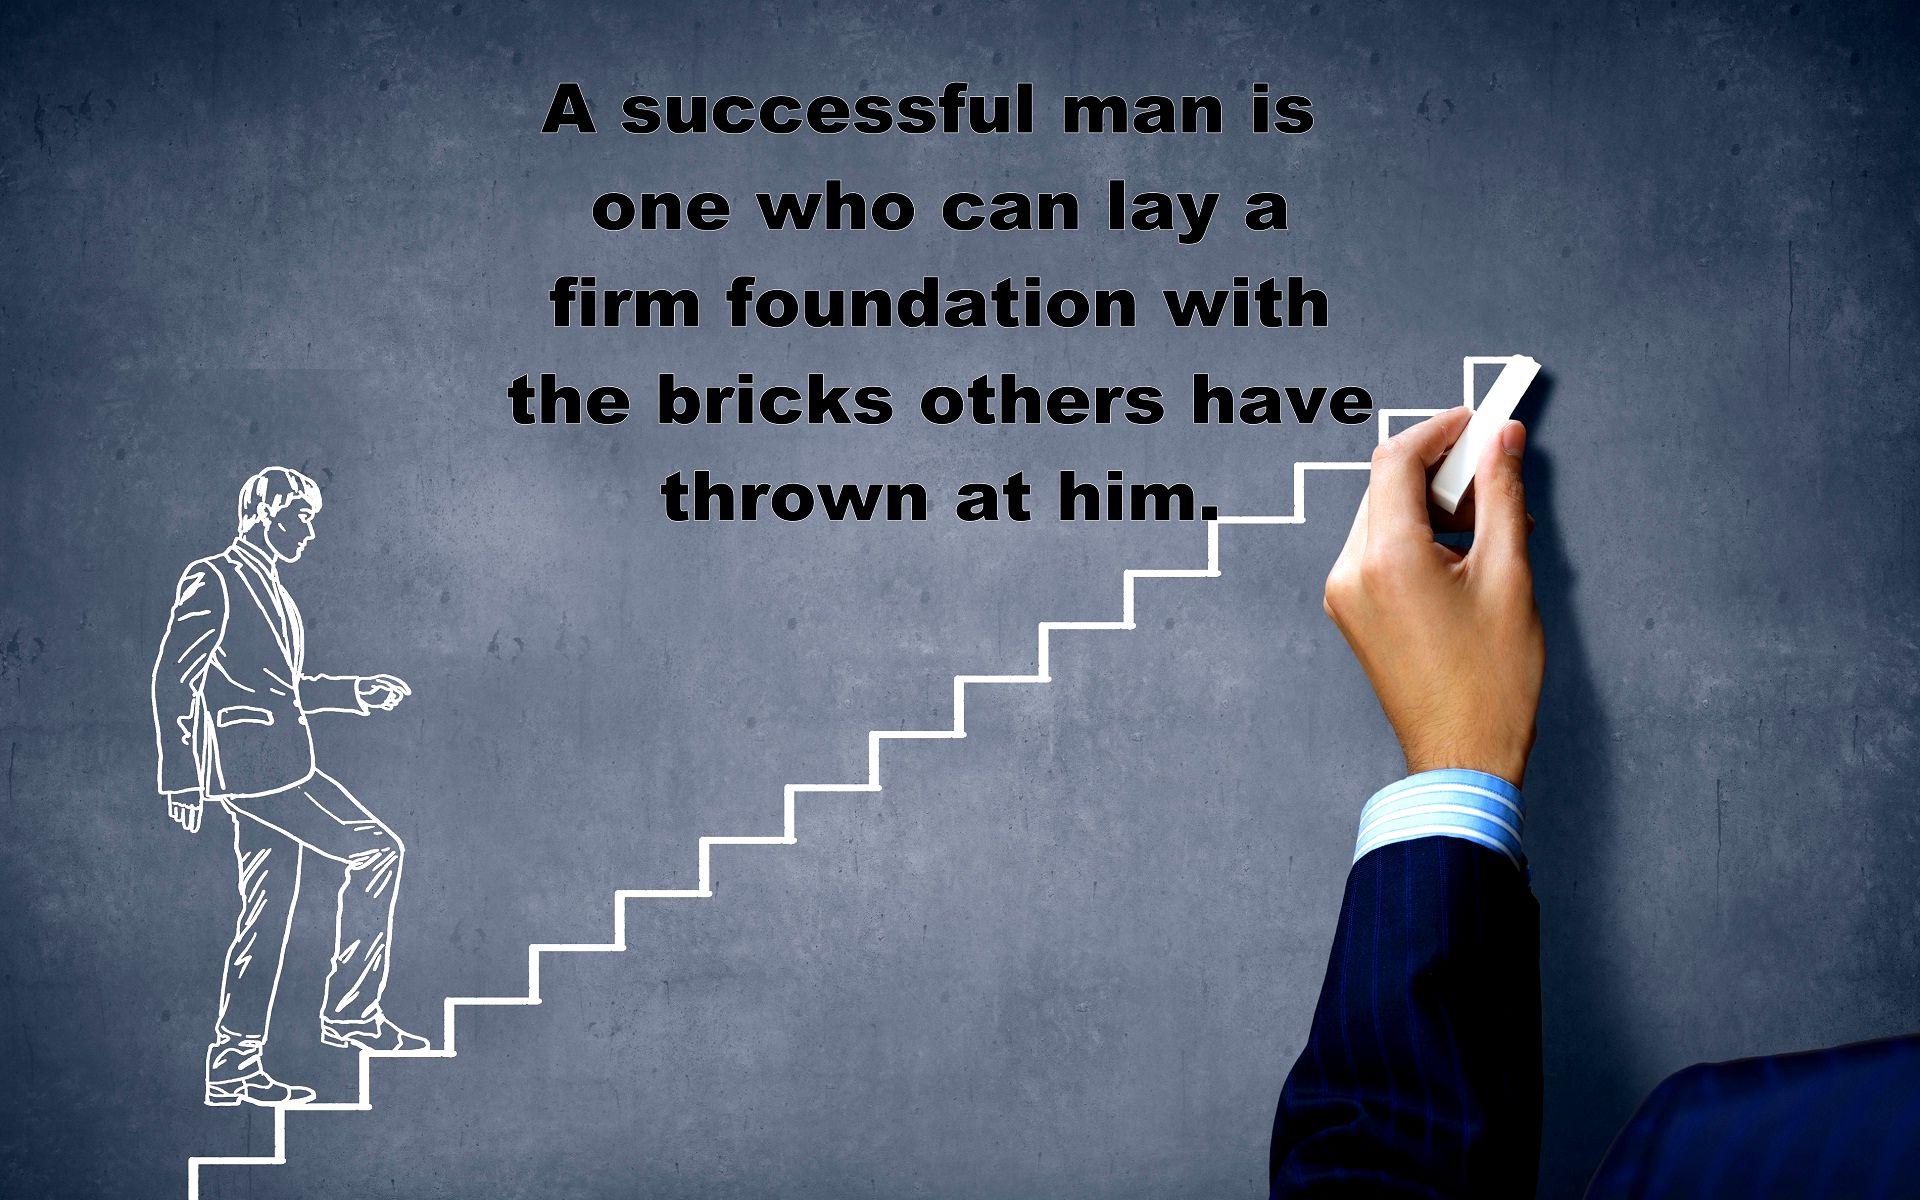 [Image] Building Bricks